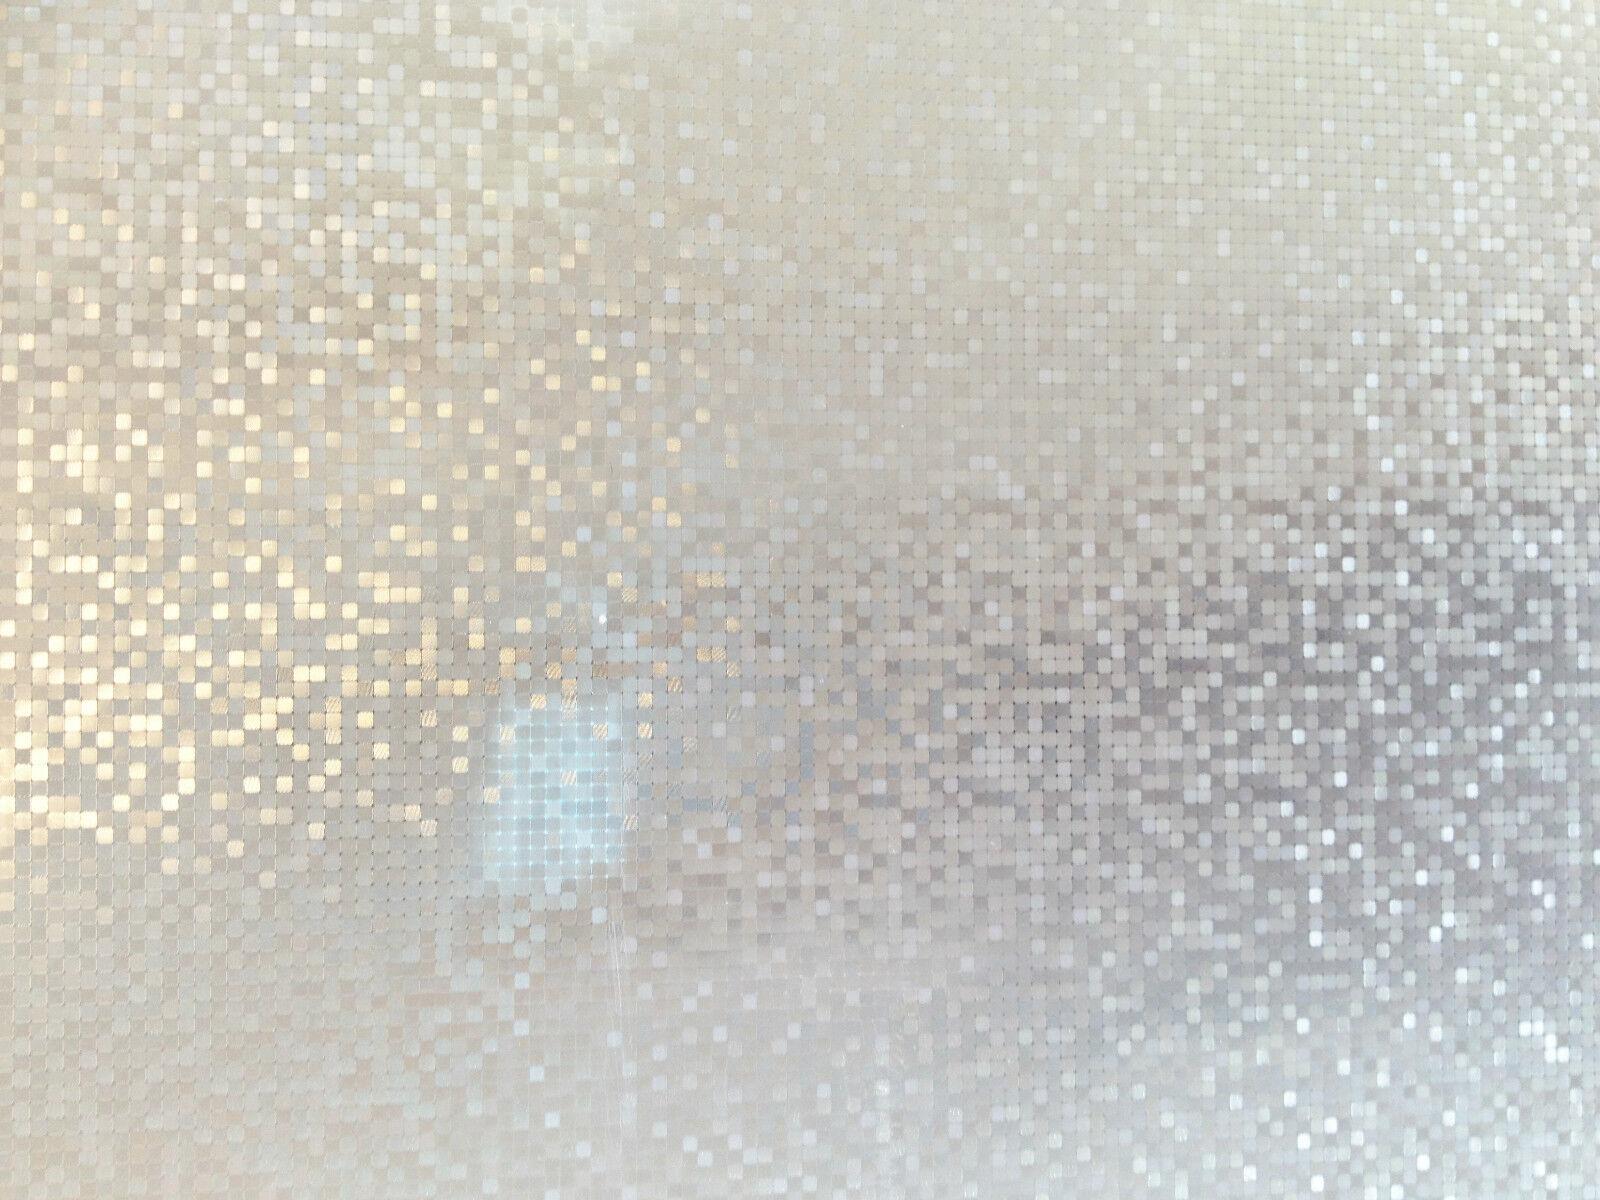 Elegante & Leggiadro VETRO SATINATO statica decorativa Vinile Privacy Finestrino Film